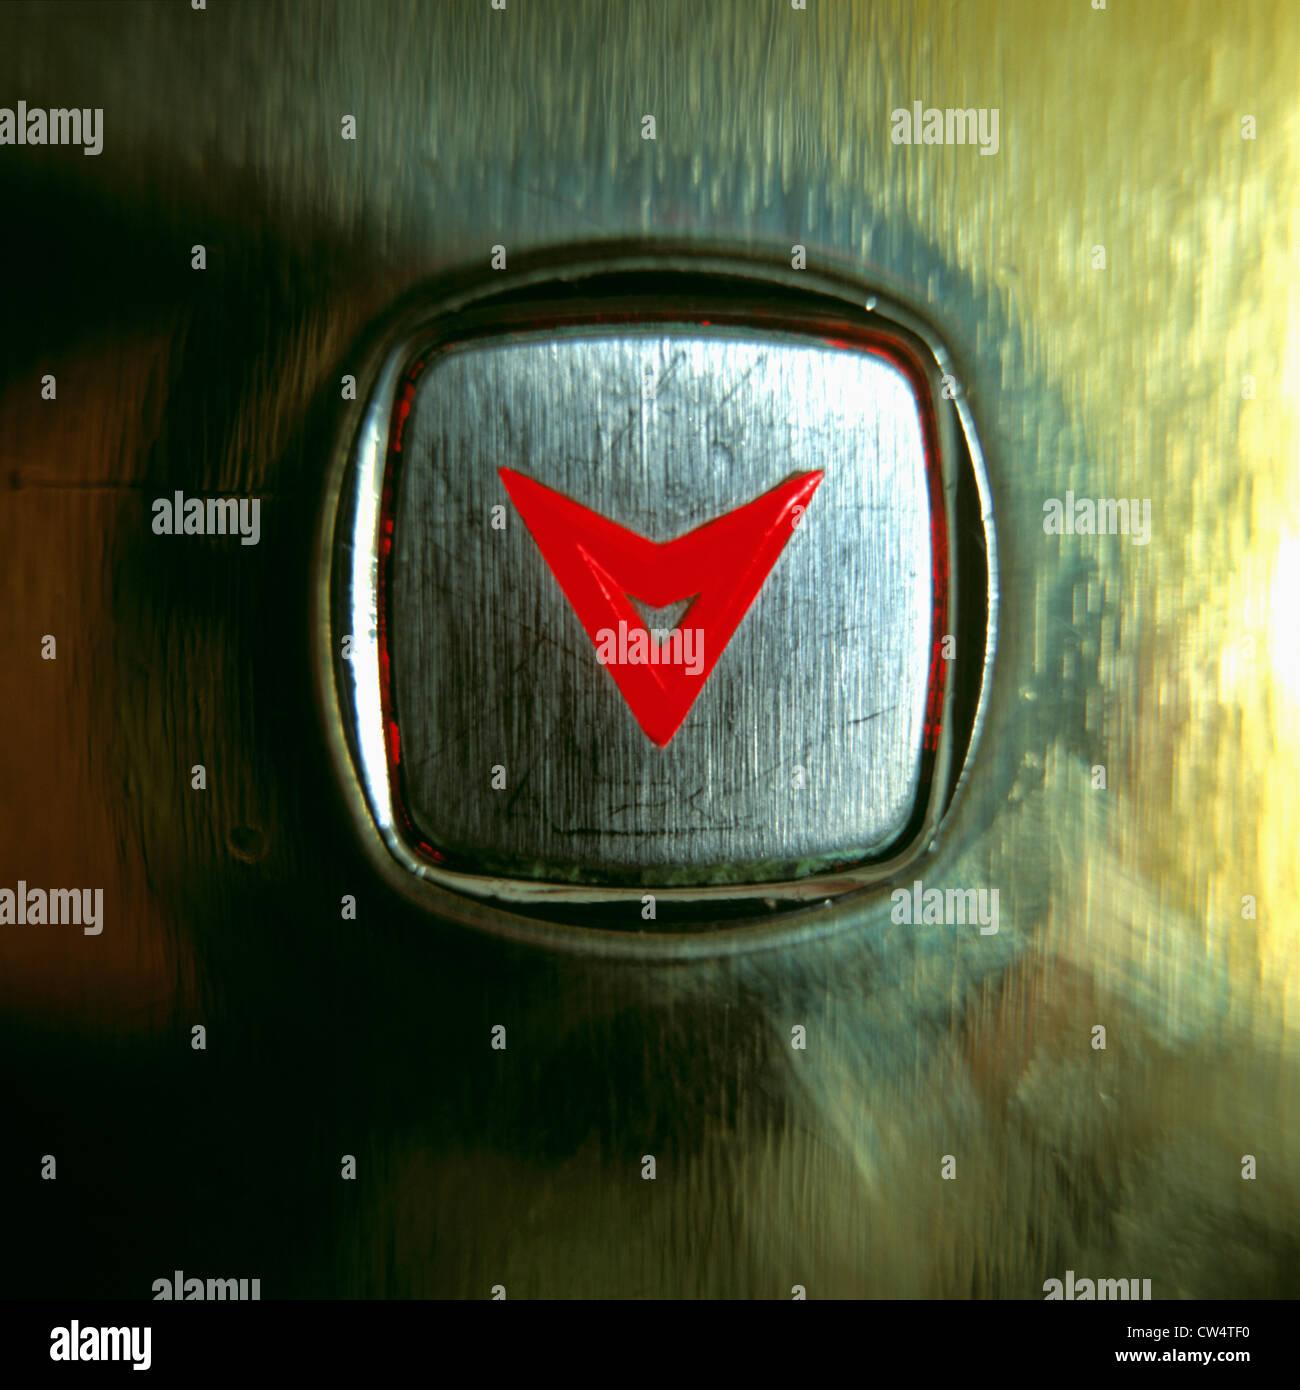 Nahaufnahme von einem Lift-Taste mit einer leuchtenden roten Pfeil nach unten Stockbild